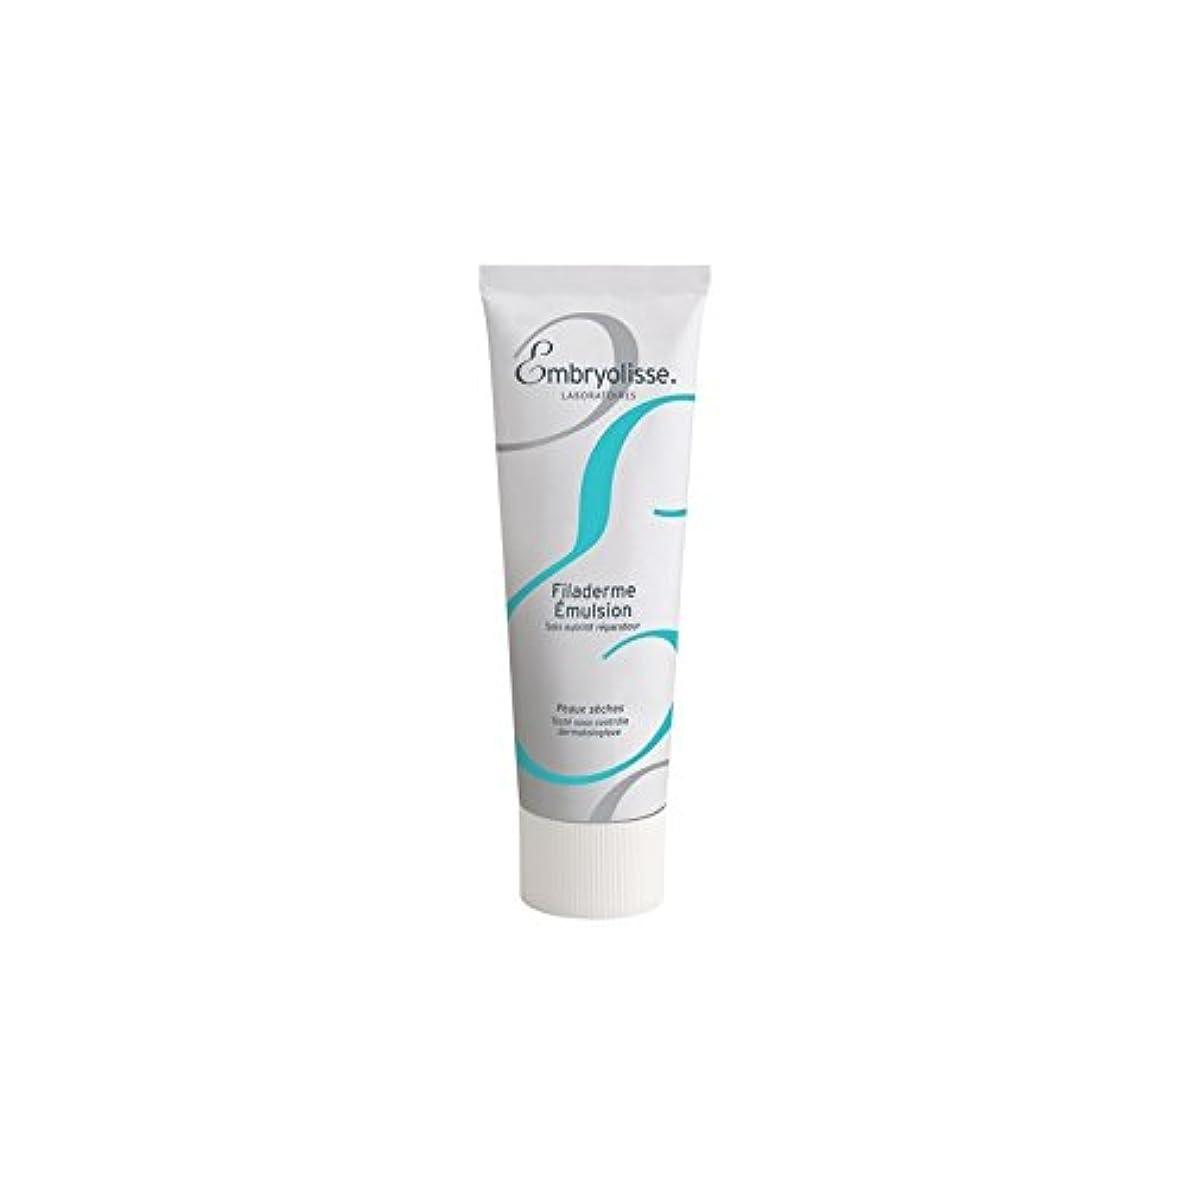 海峡商業の原稿エマルジョン(75ミリリットル) x4 - Embryolisse Filaderme Emulsion (75ml) (Pack of 4) [並行輸入品]